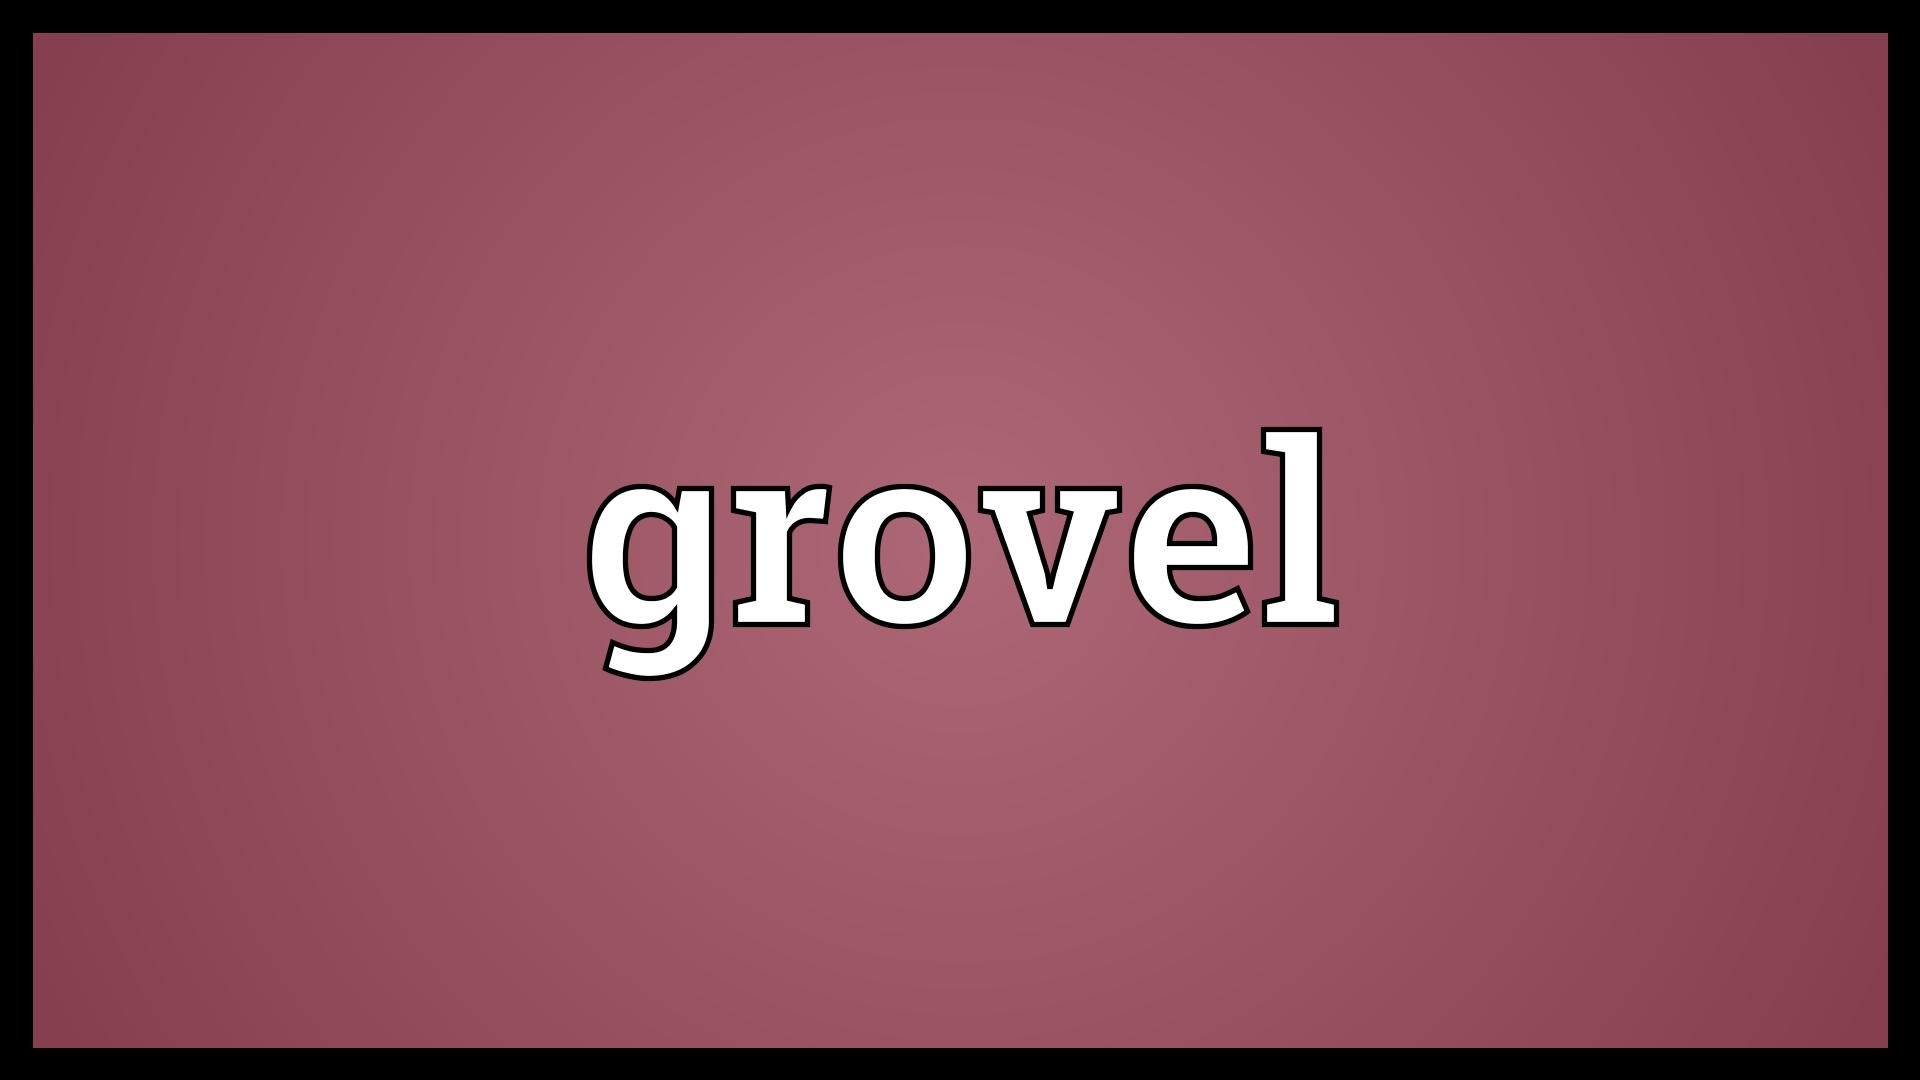 Grovel